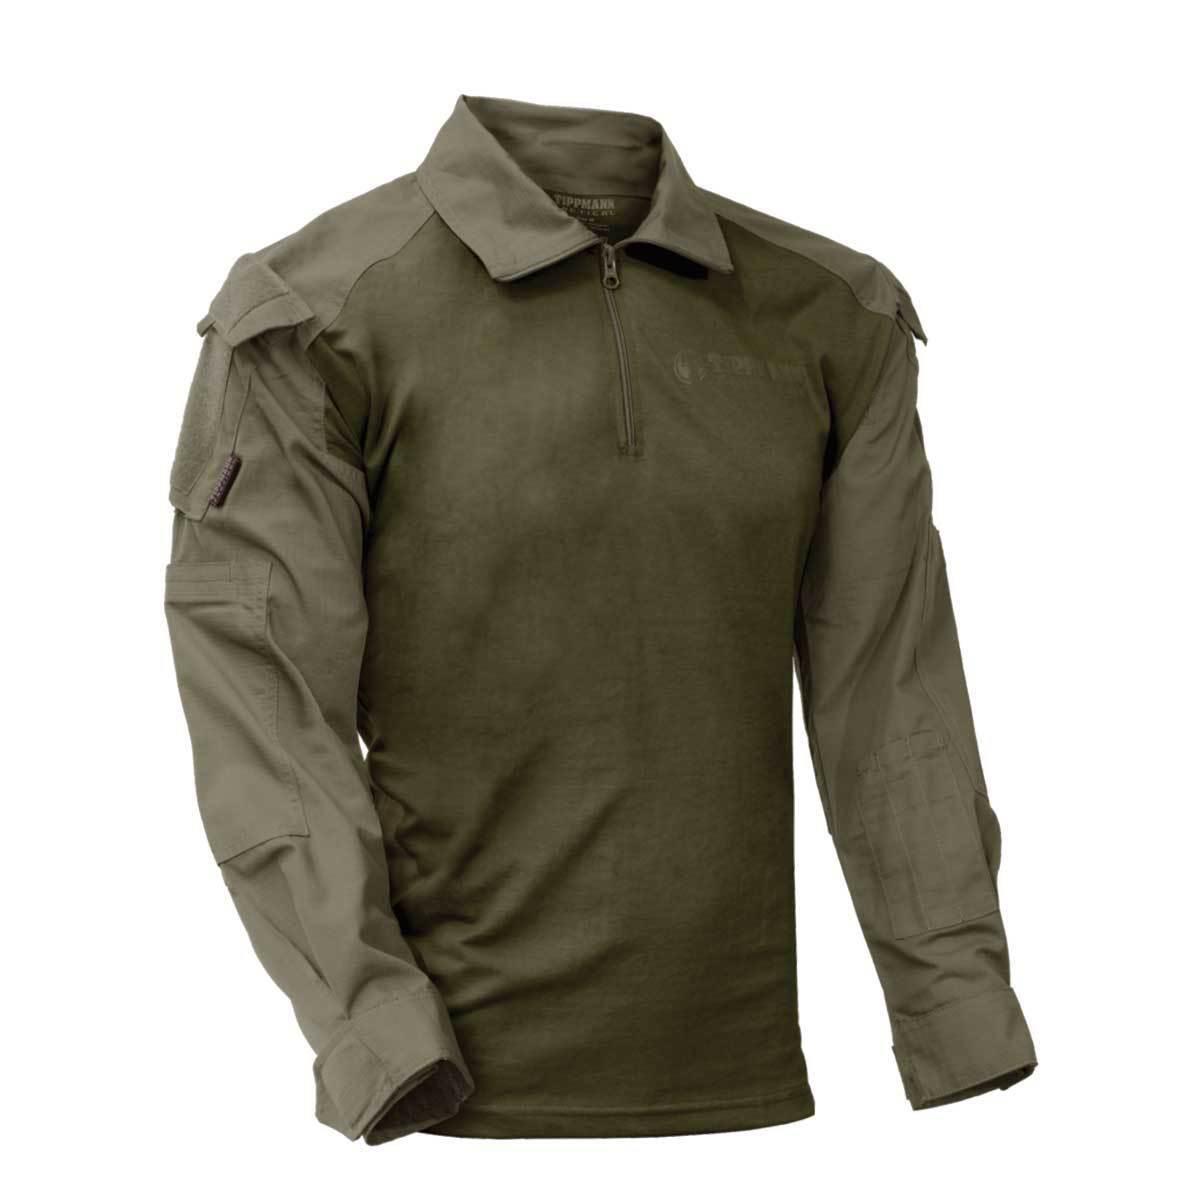 Tippmann Tactical TDU Shirt - Olive - Large